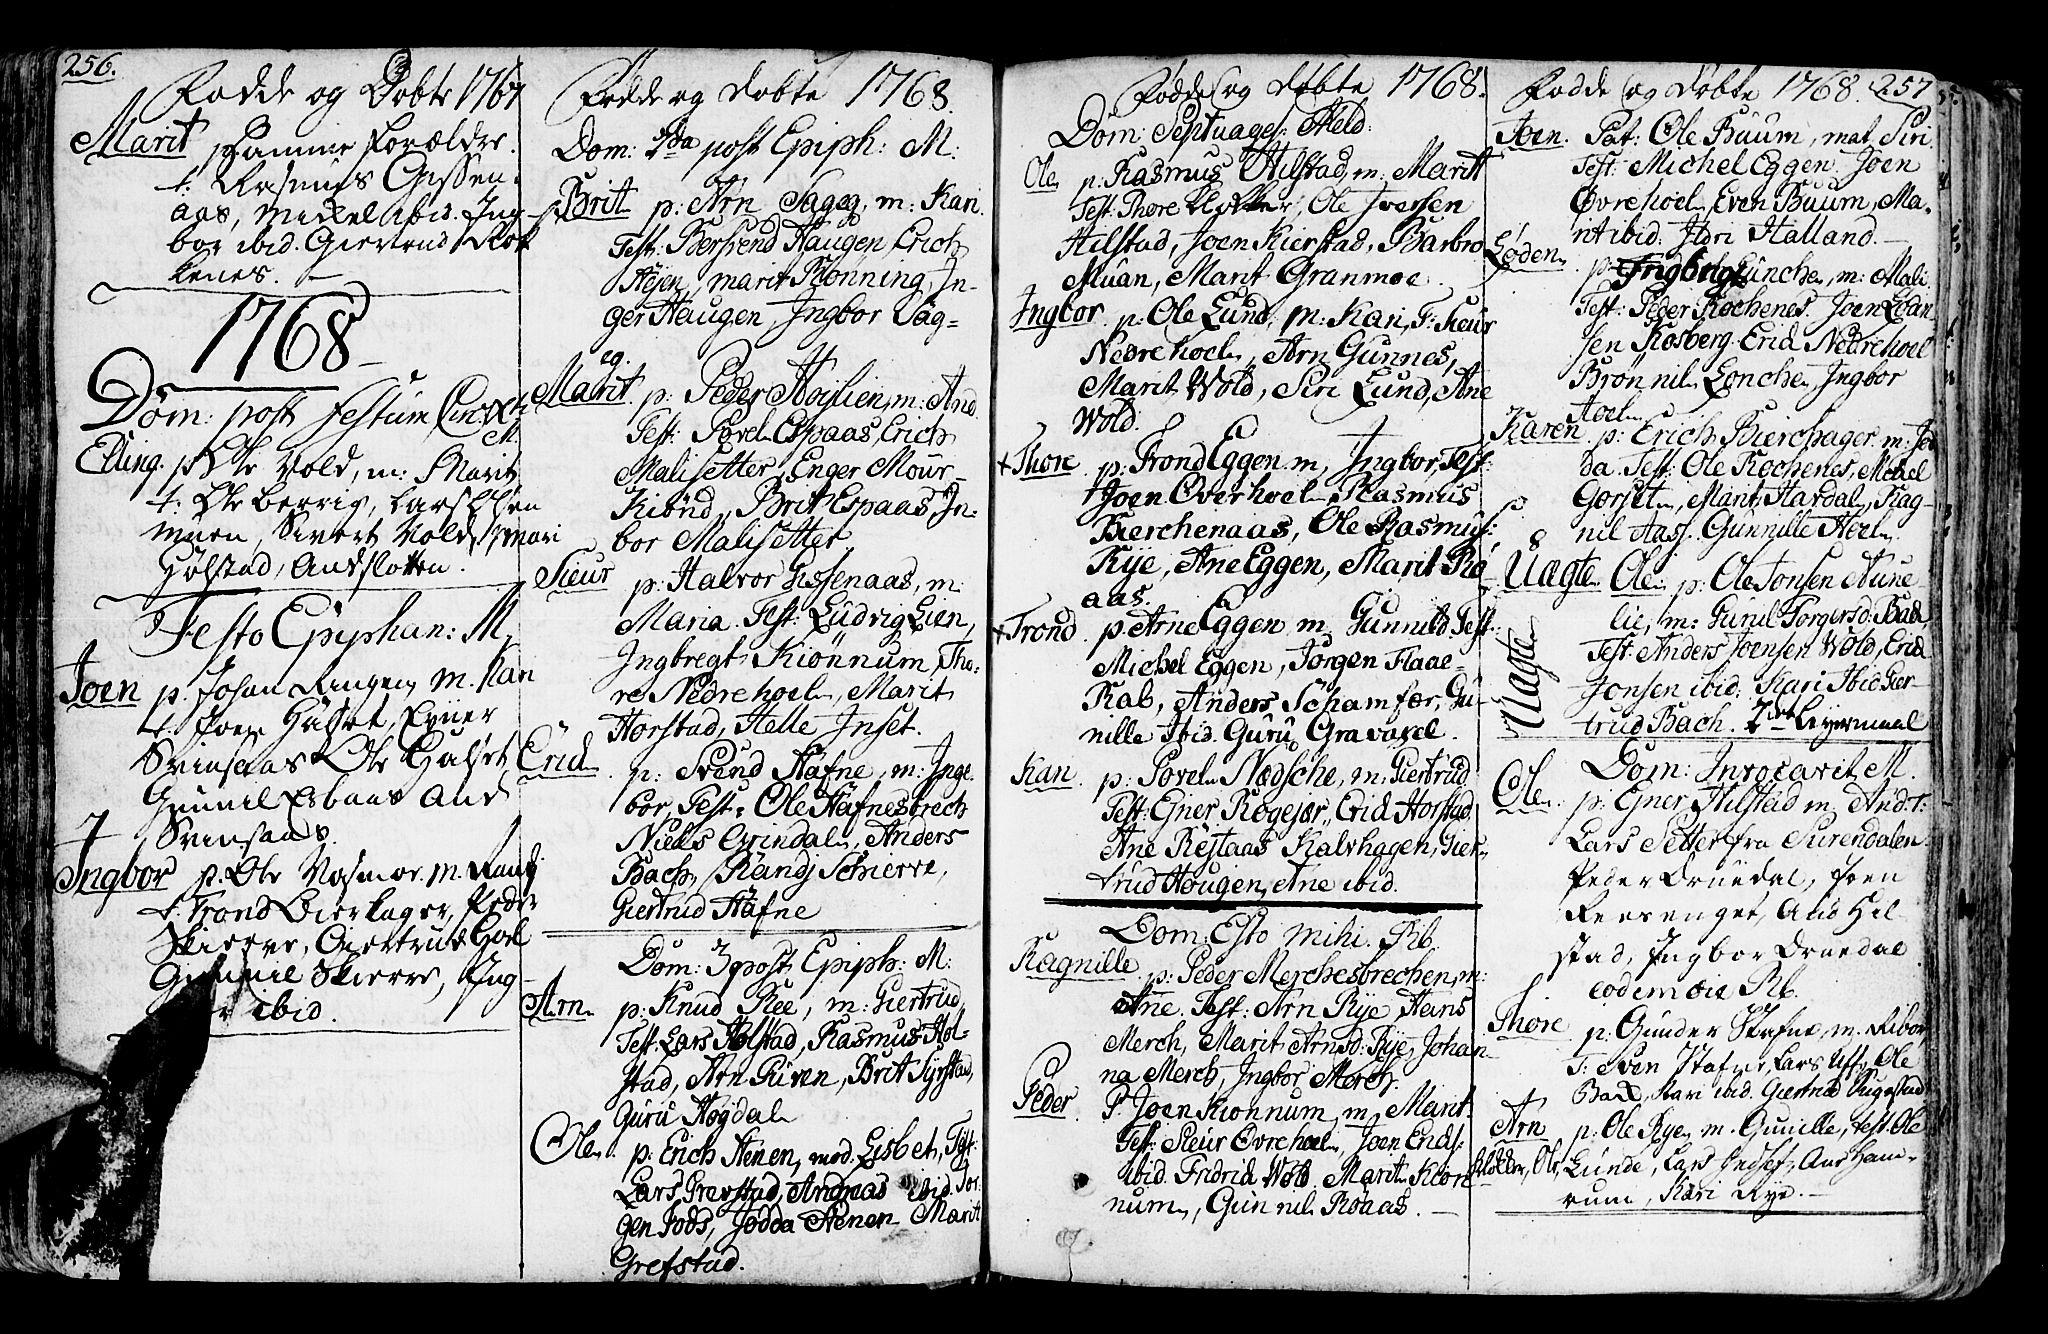 SAT, Ministerialprotokoller, klokkerbøker og fødselsregistre - Sør-Trøndelag, 672/L0851: Ministerialbok nr. 672A04, 1751-1775, s. 256-257